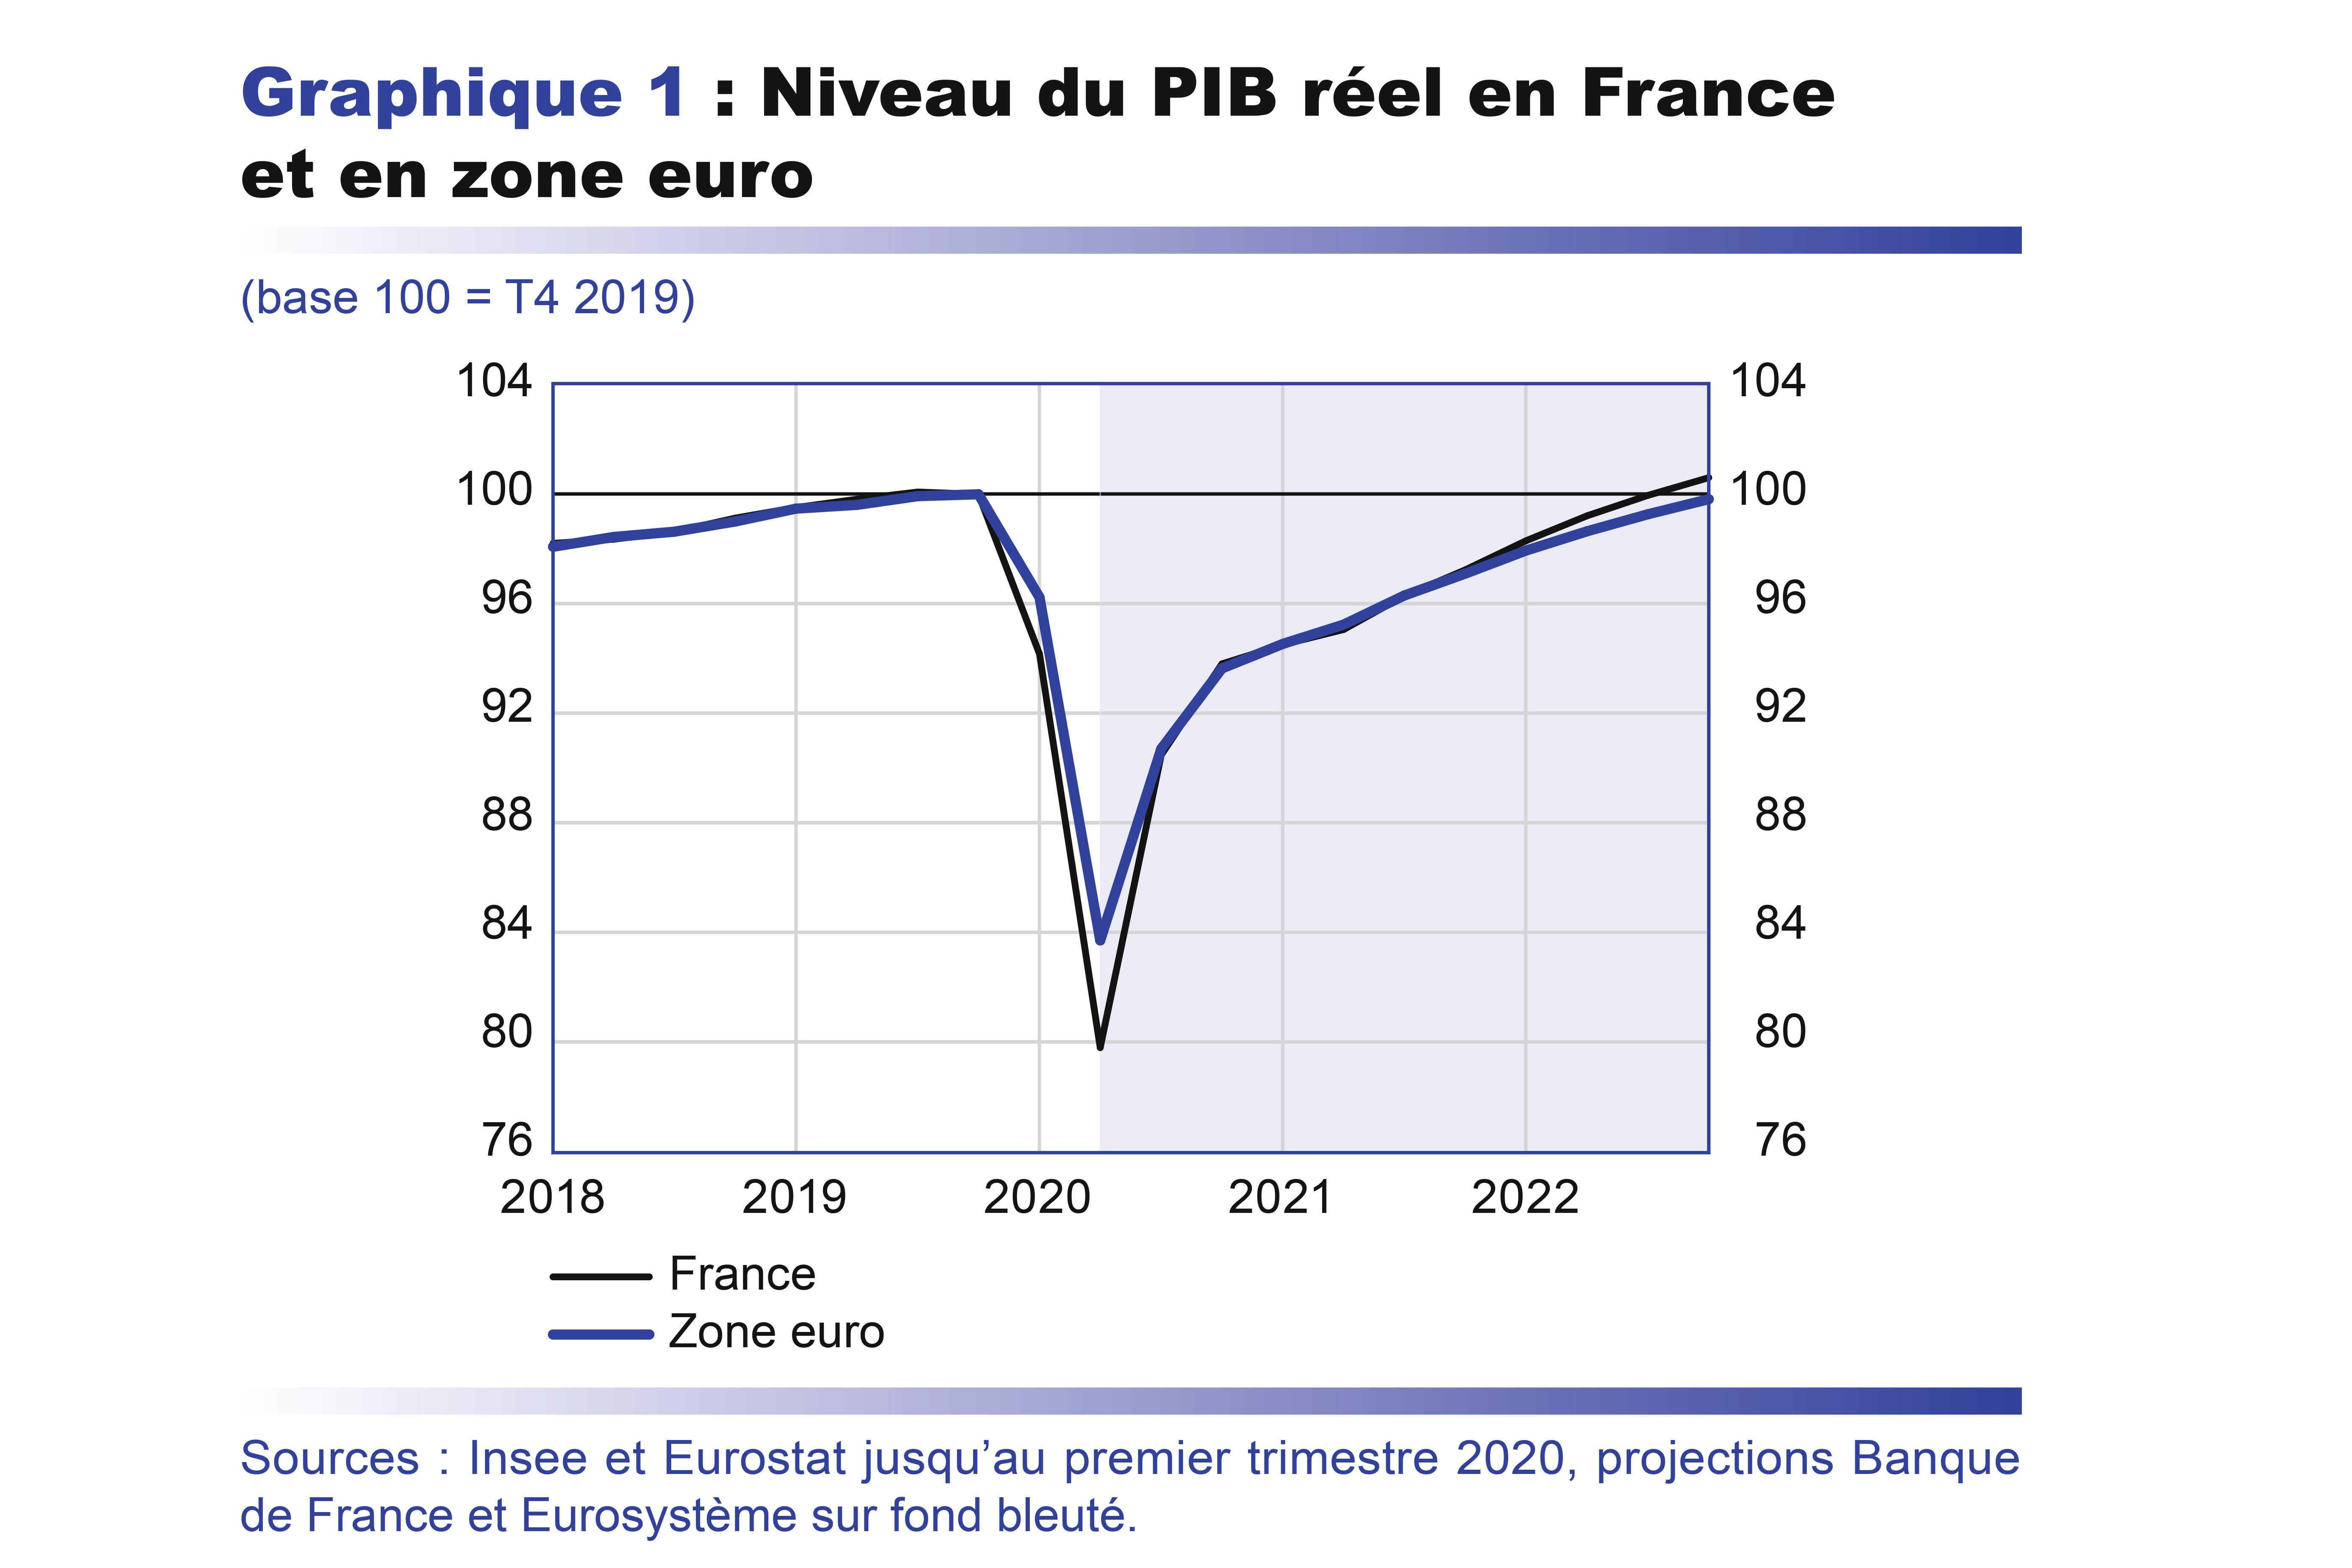 Projections Macroeconomiques Juin 2020 Banque De France